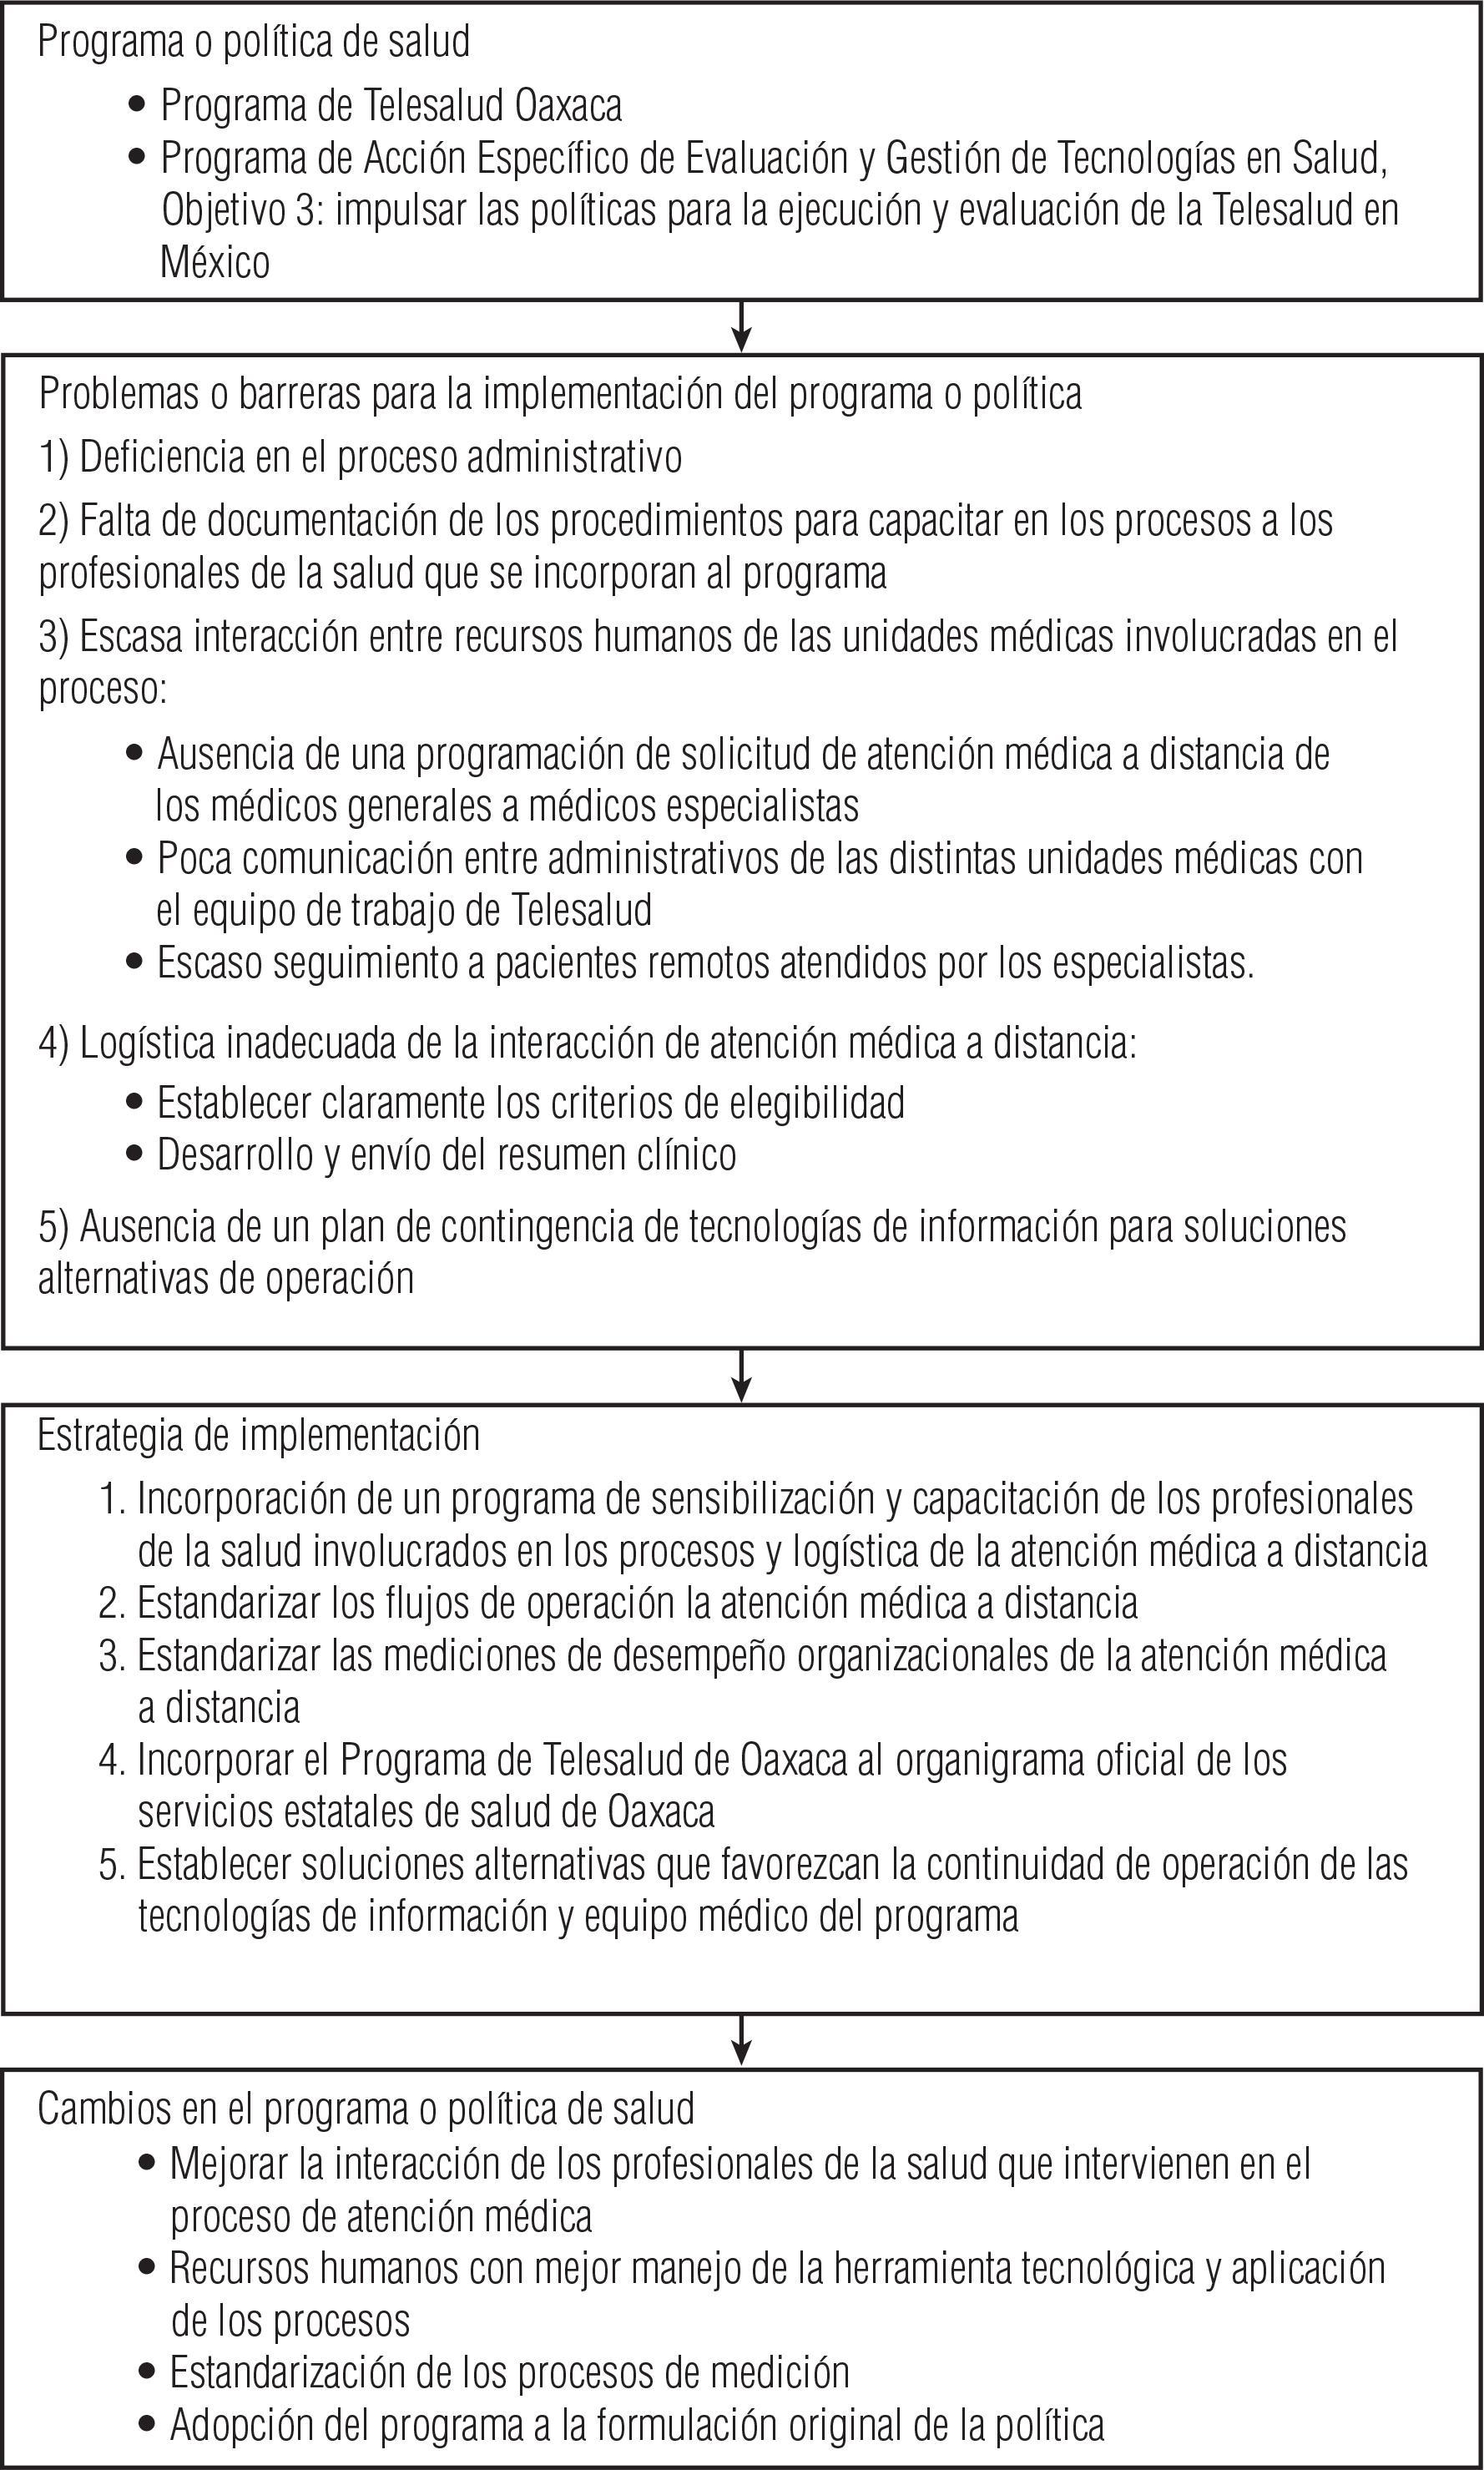 Saúde Pública - Evaluación del proceso de teleconsulta desde la ...